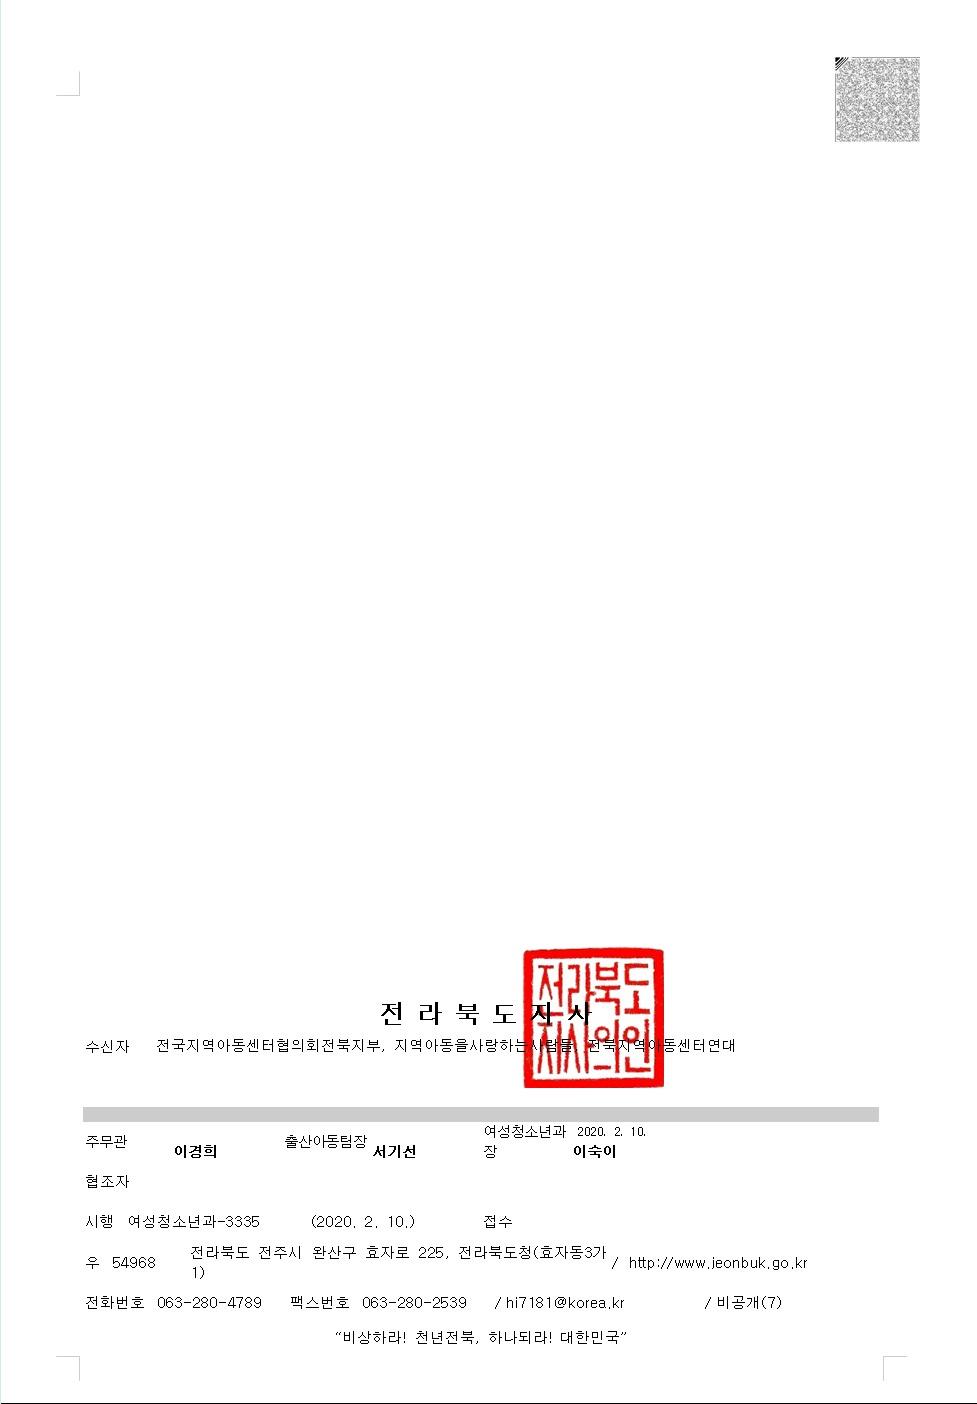 전북도 여성청소년과-3335(2020.2.10)호_아동관련비영리민간단체관리철저및점검계획통지2.jpg